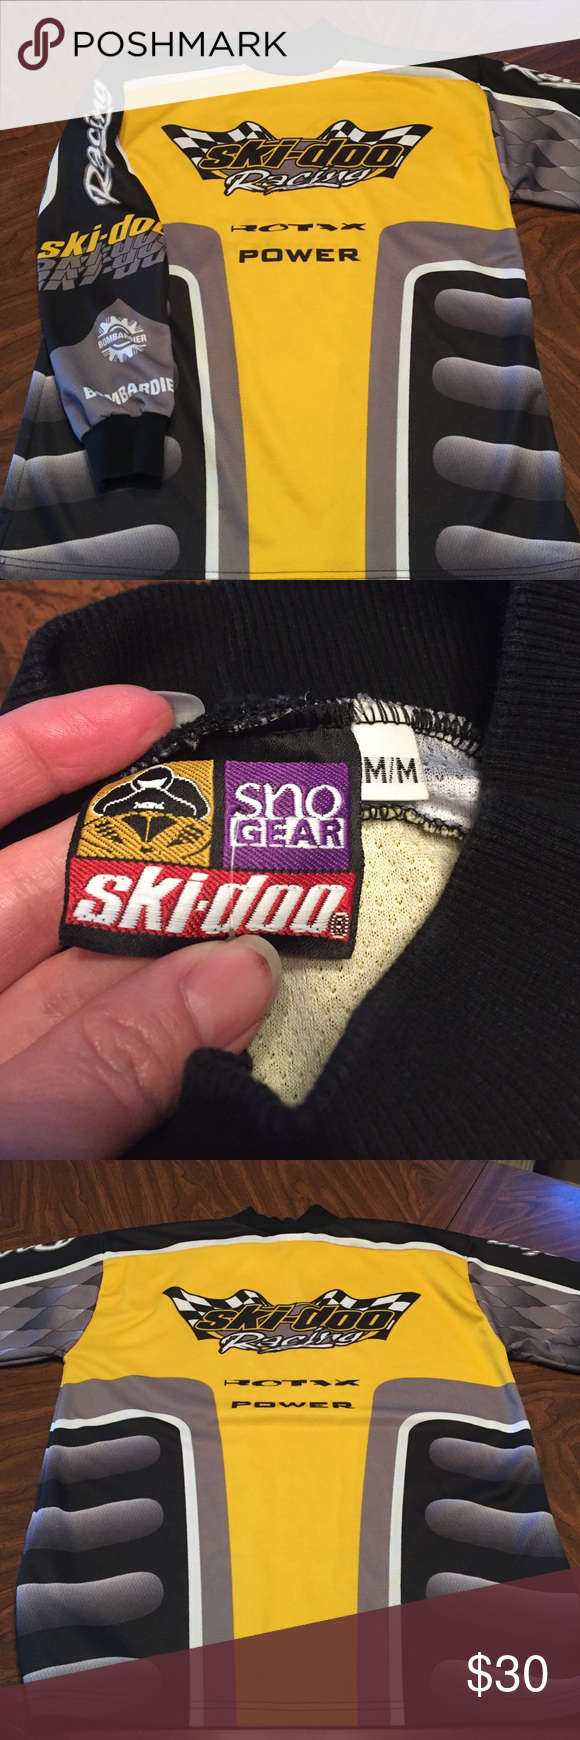 Men S Ski Doo Racing Shirt Racing Shirts Mens Skis Shirts